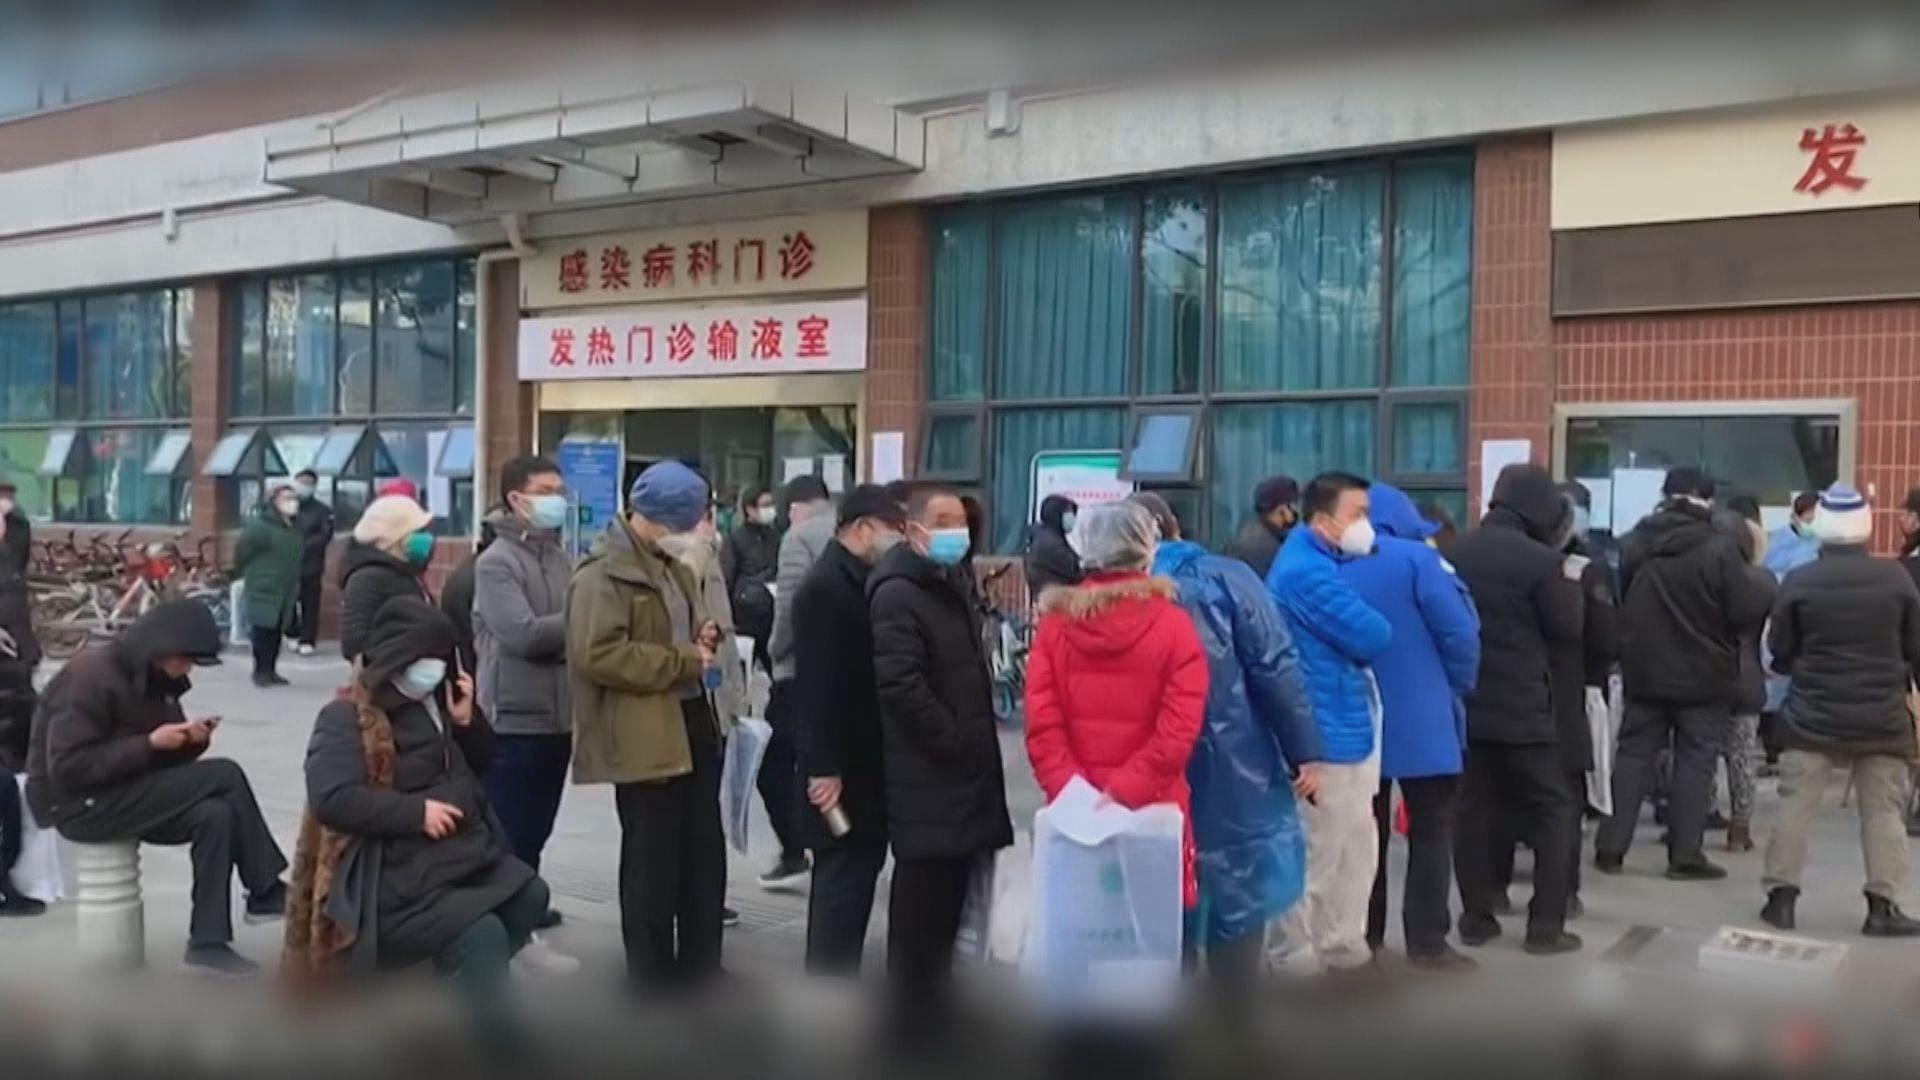 湖北省每日確診個案逾千宗 民眾批政府隱瞞疫情